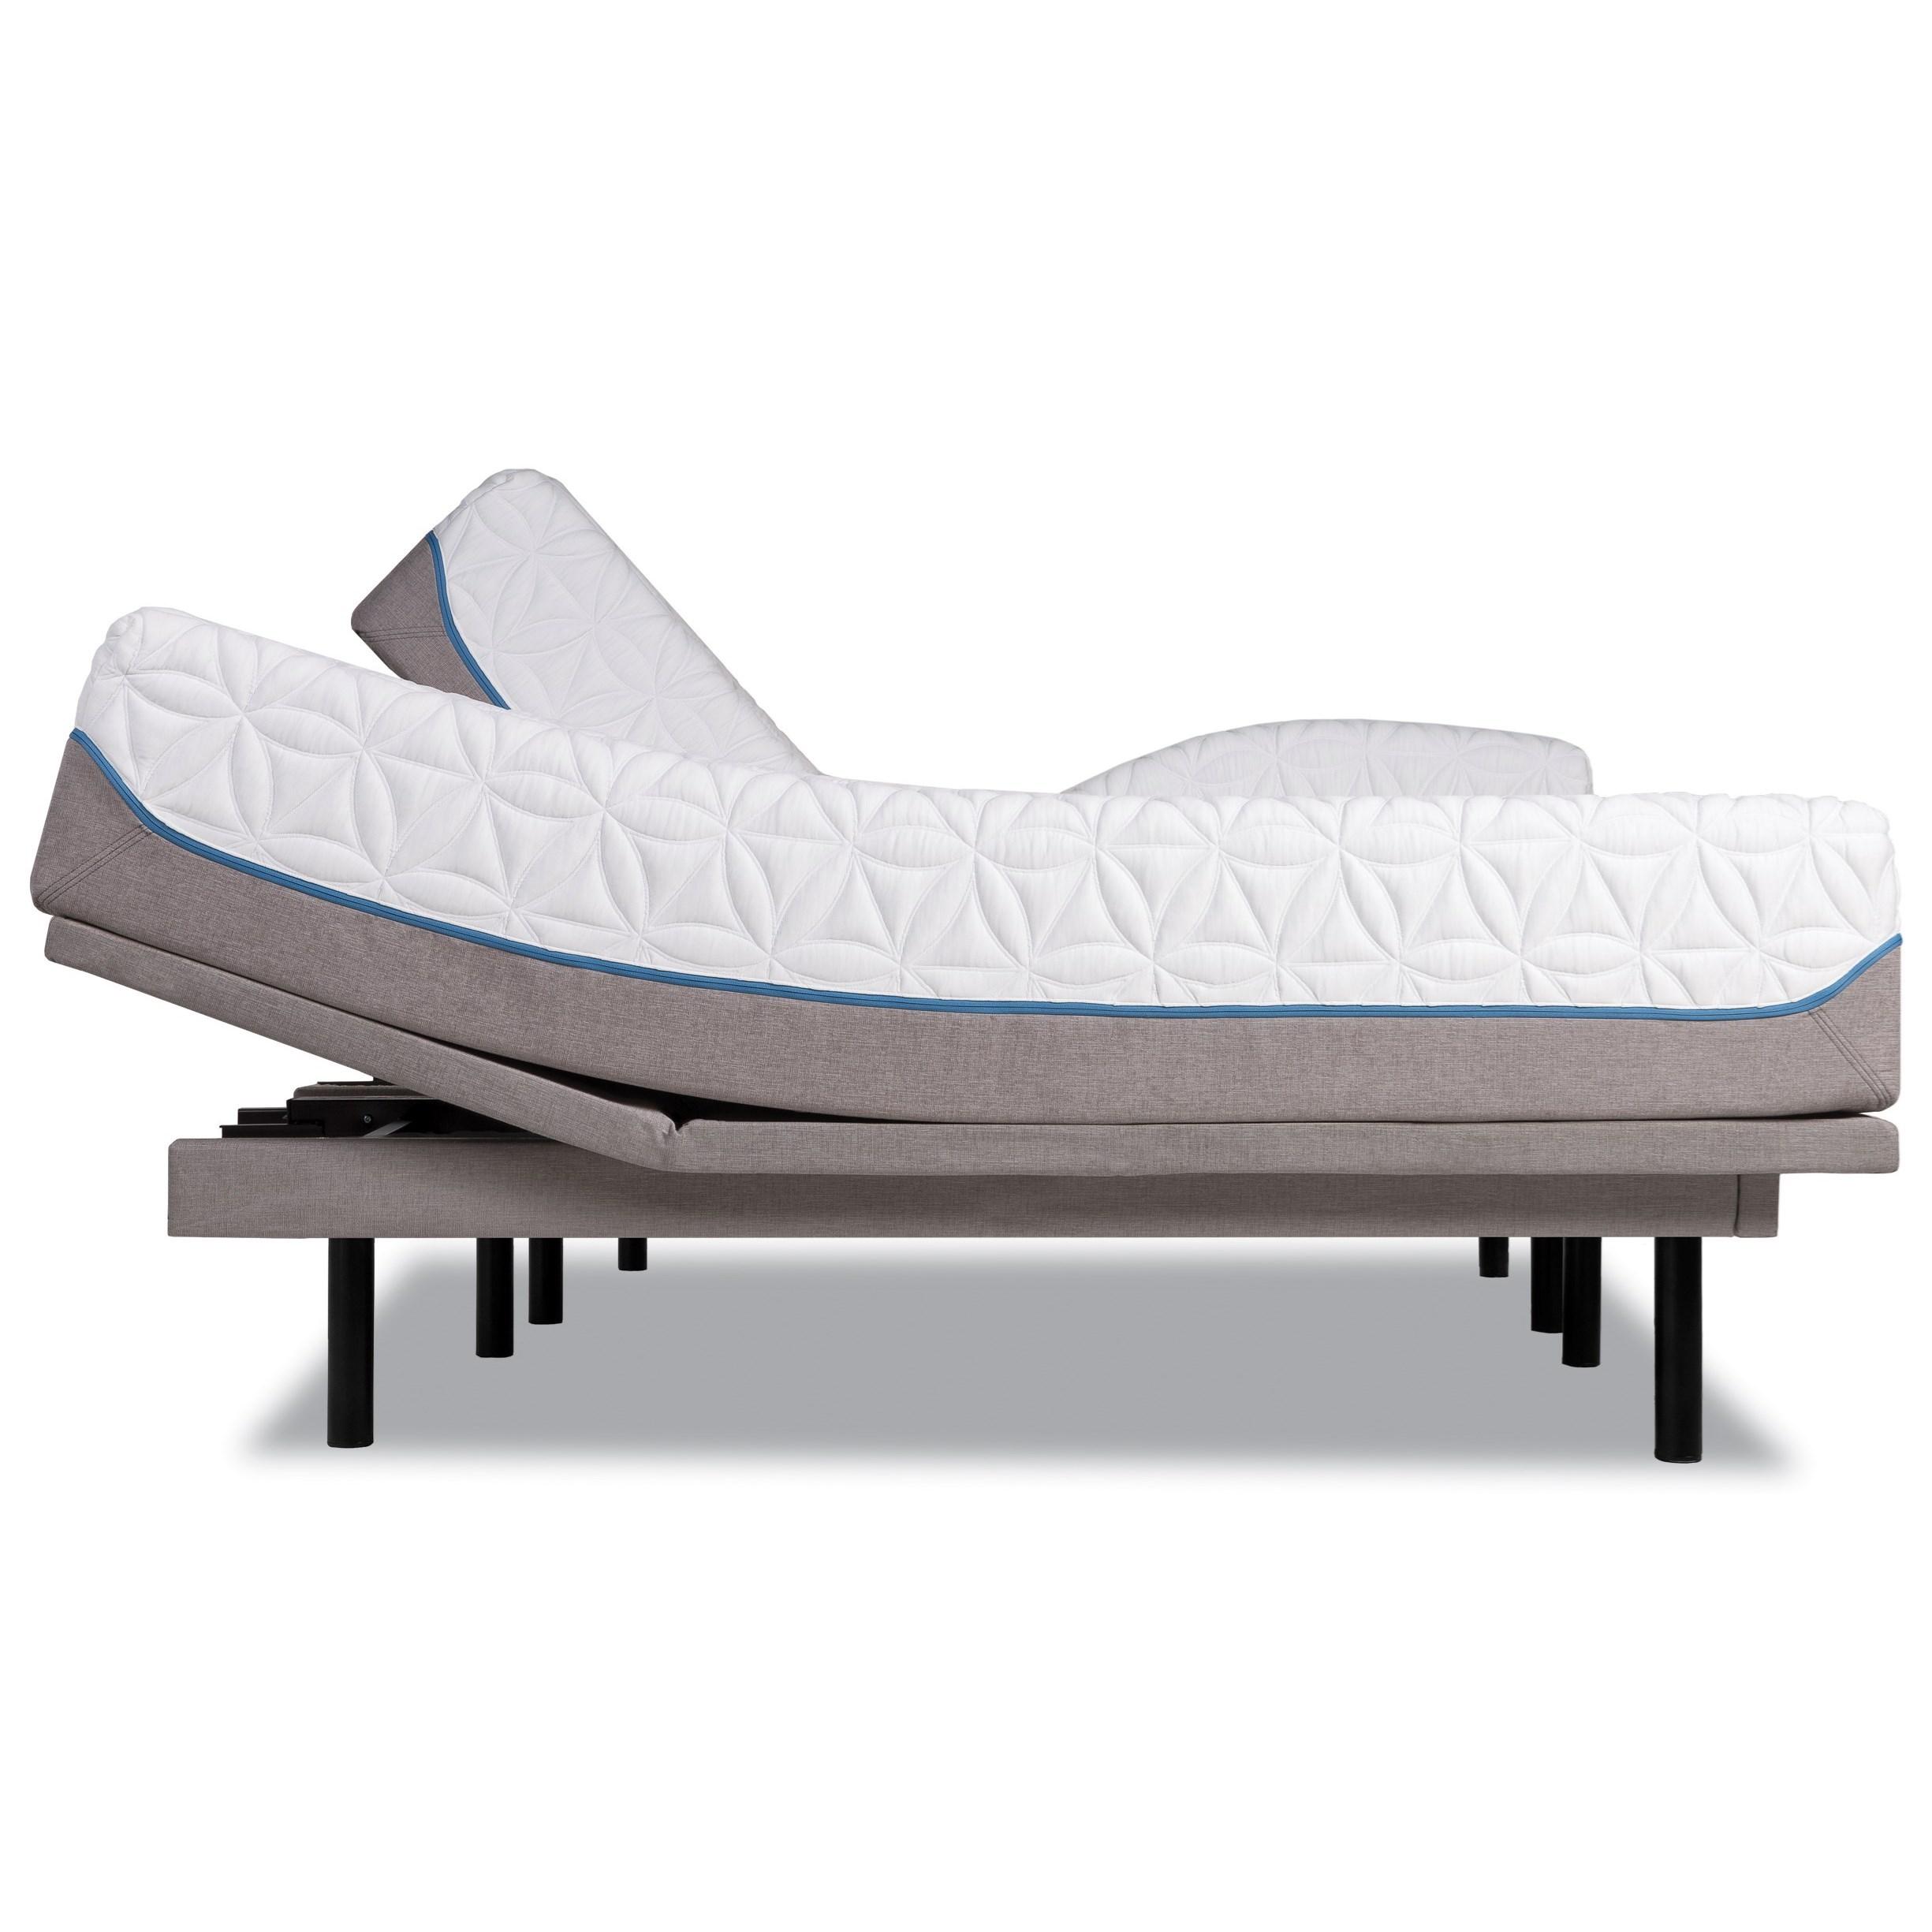 Tempur-Pedic® TEMPUR-Cloud Luxe Twin XL Ultra-Soft Mattress Set - Item Number: 10245220+25289220